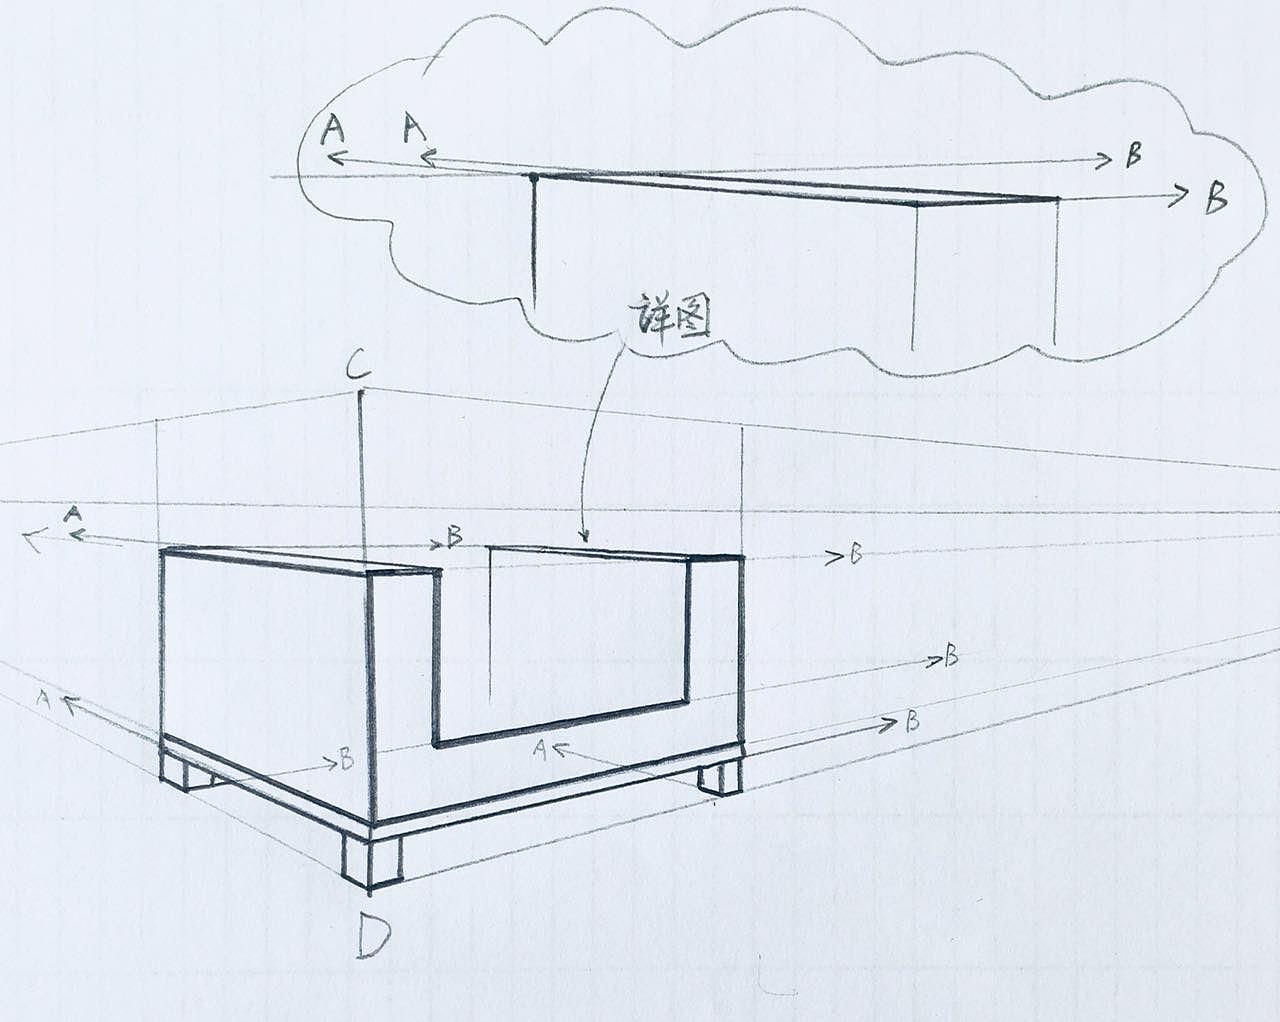 透视图教学|空间|室内设计|卓玥 - 原创作品 - 站酷